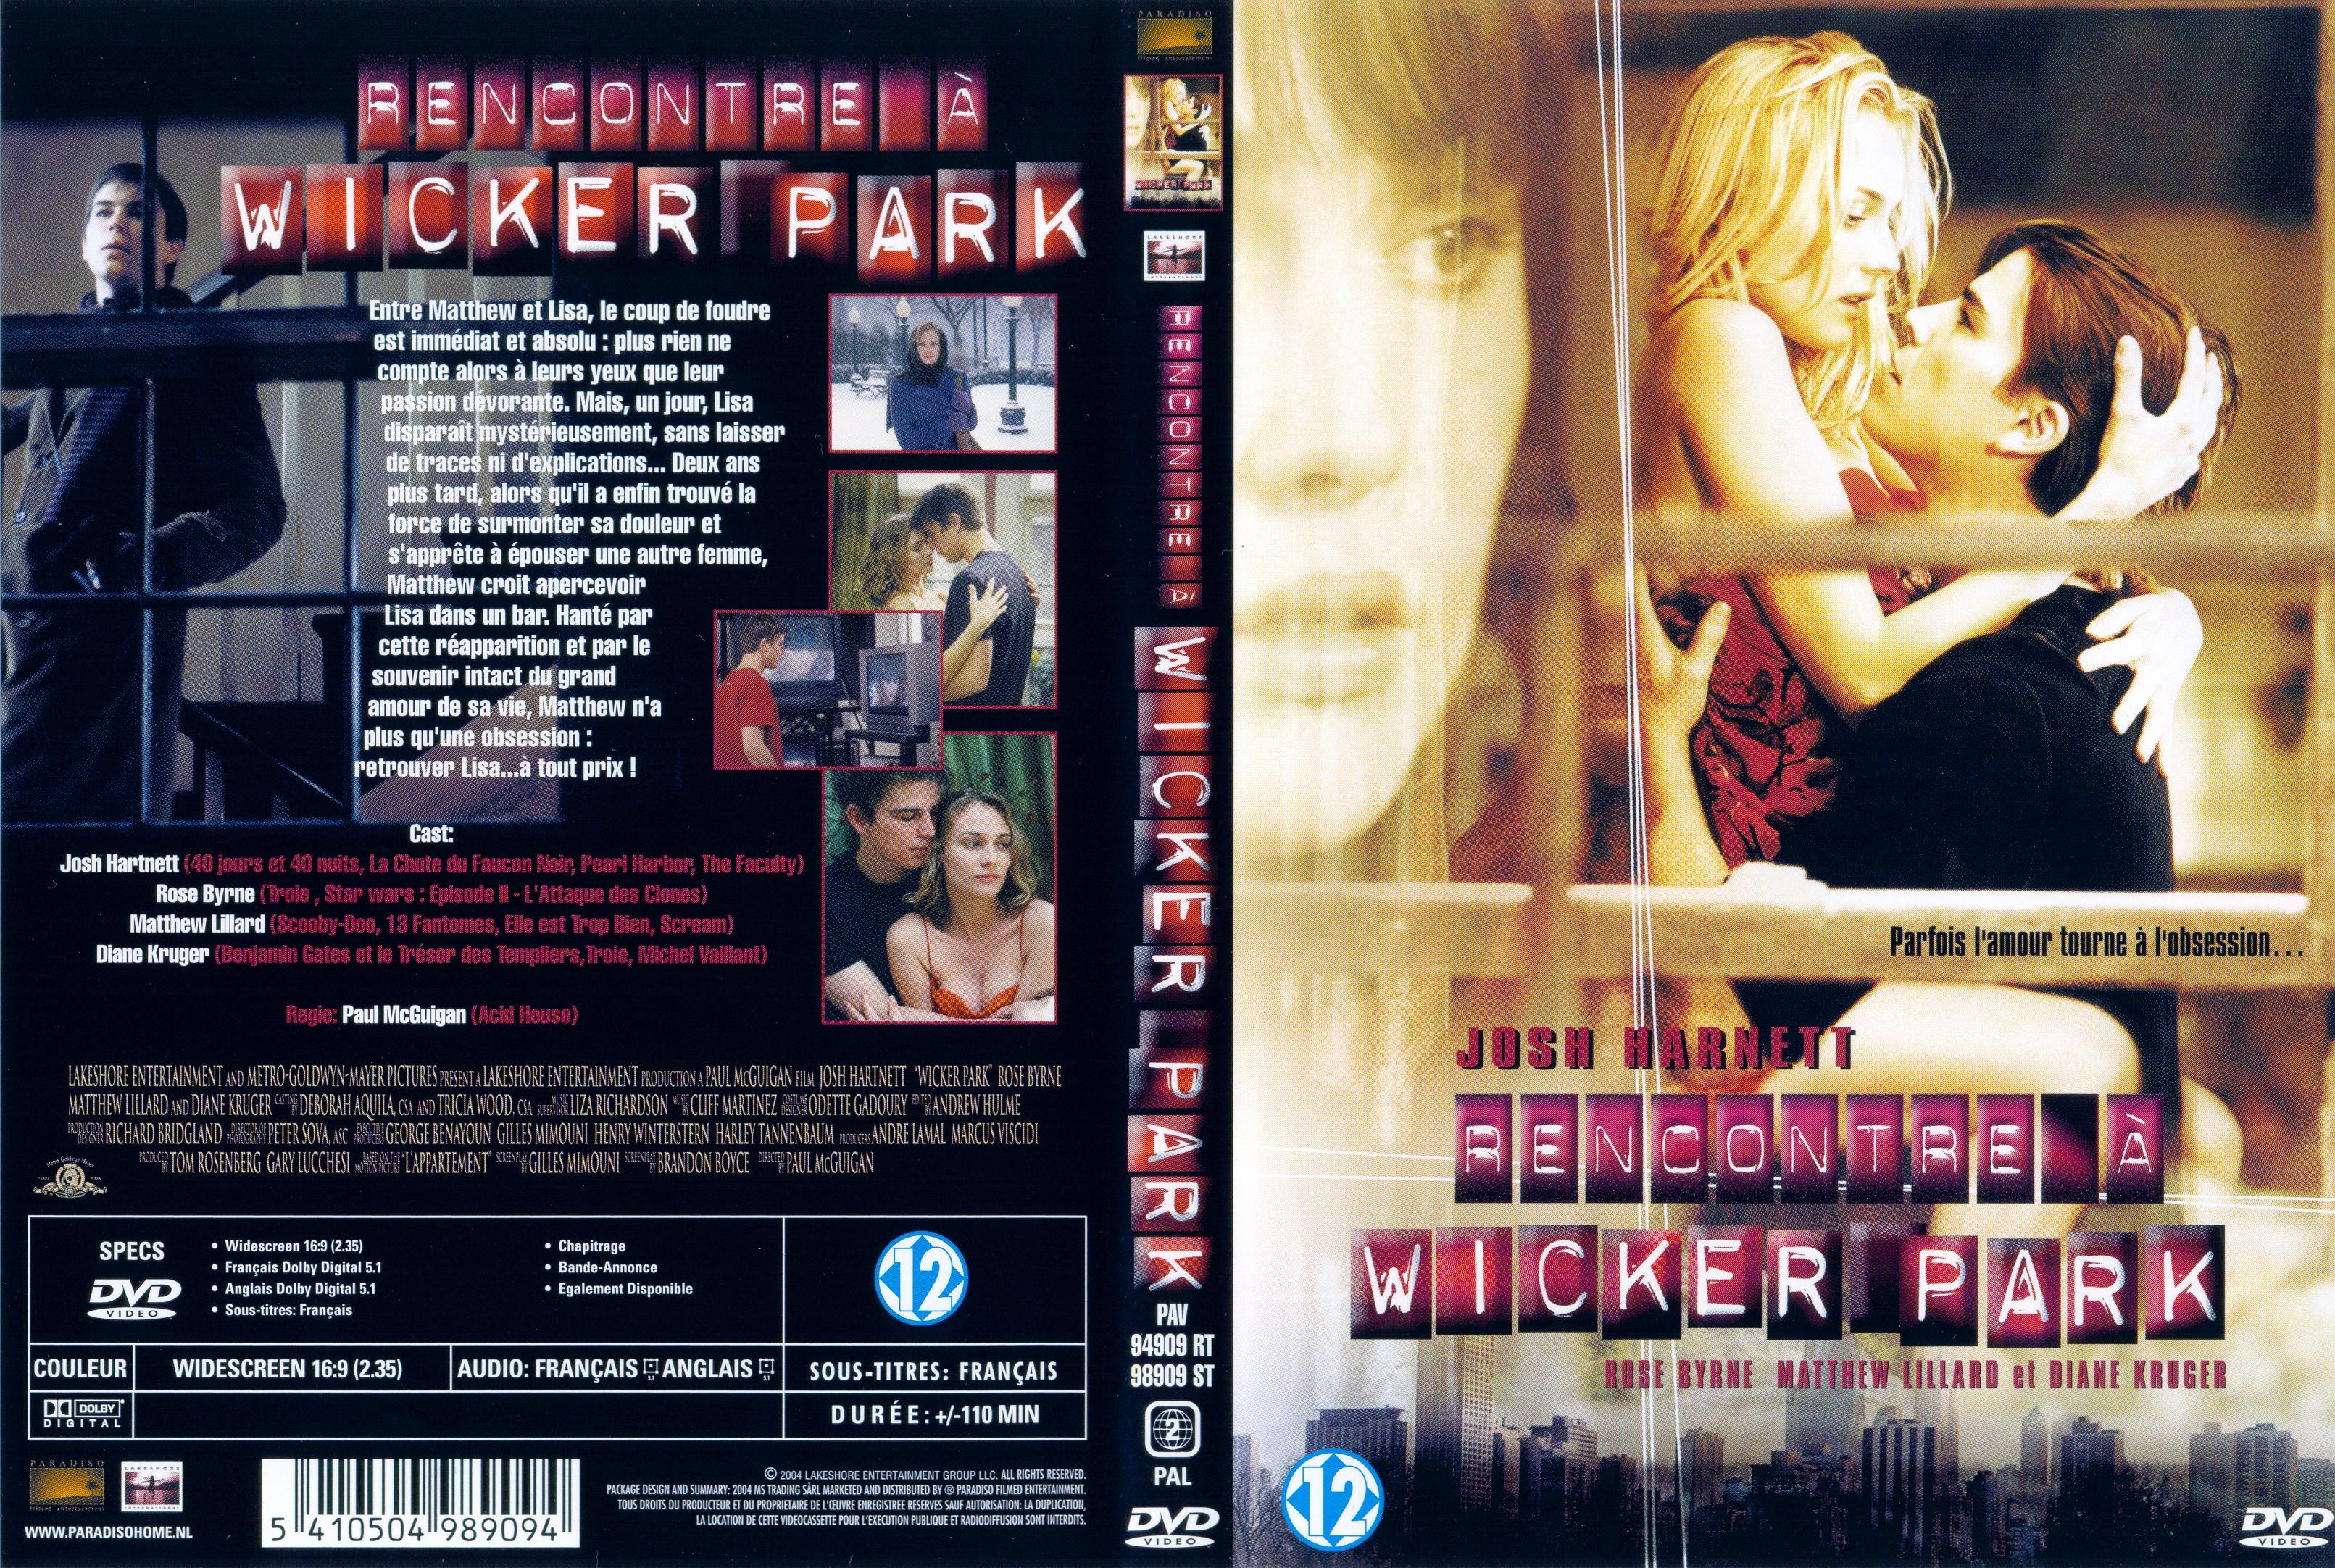 rencontre à wicker park film complet en francais